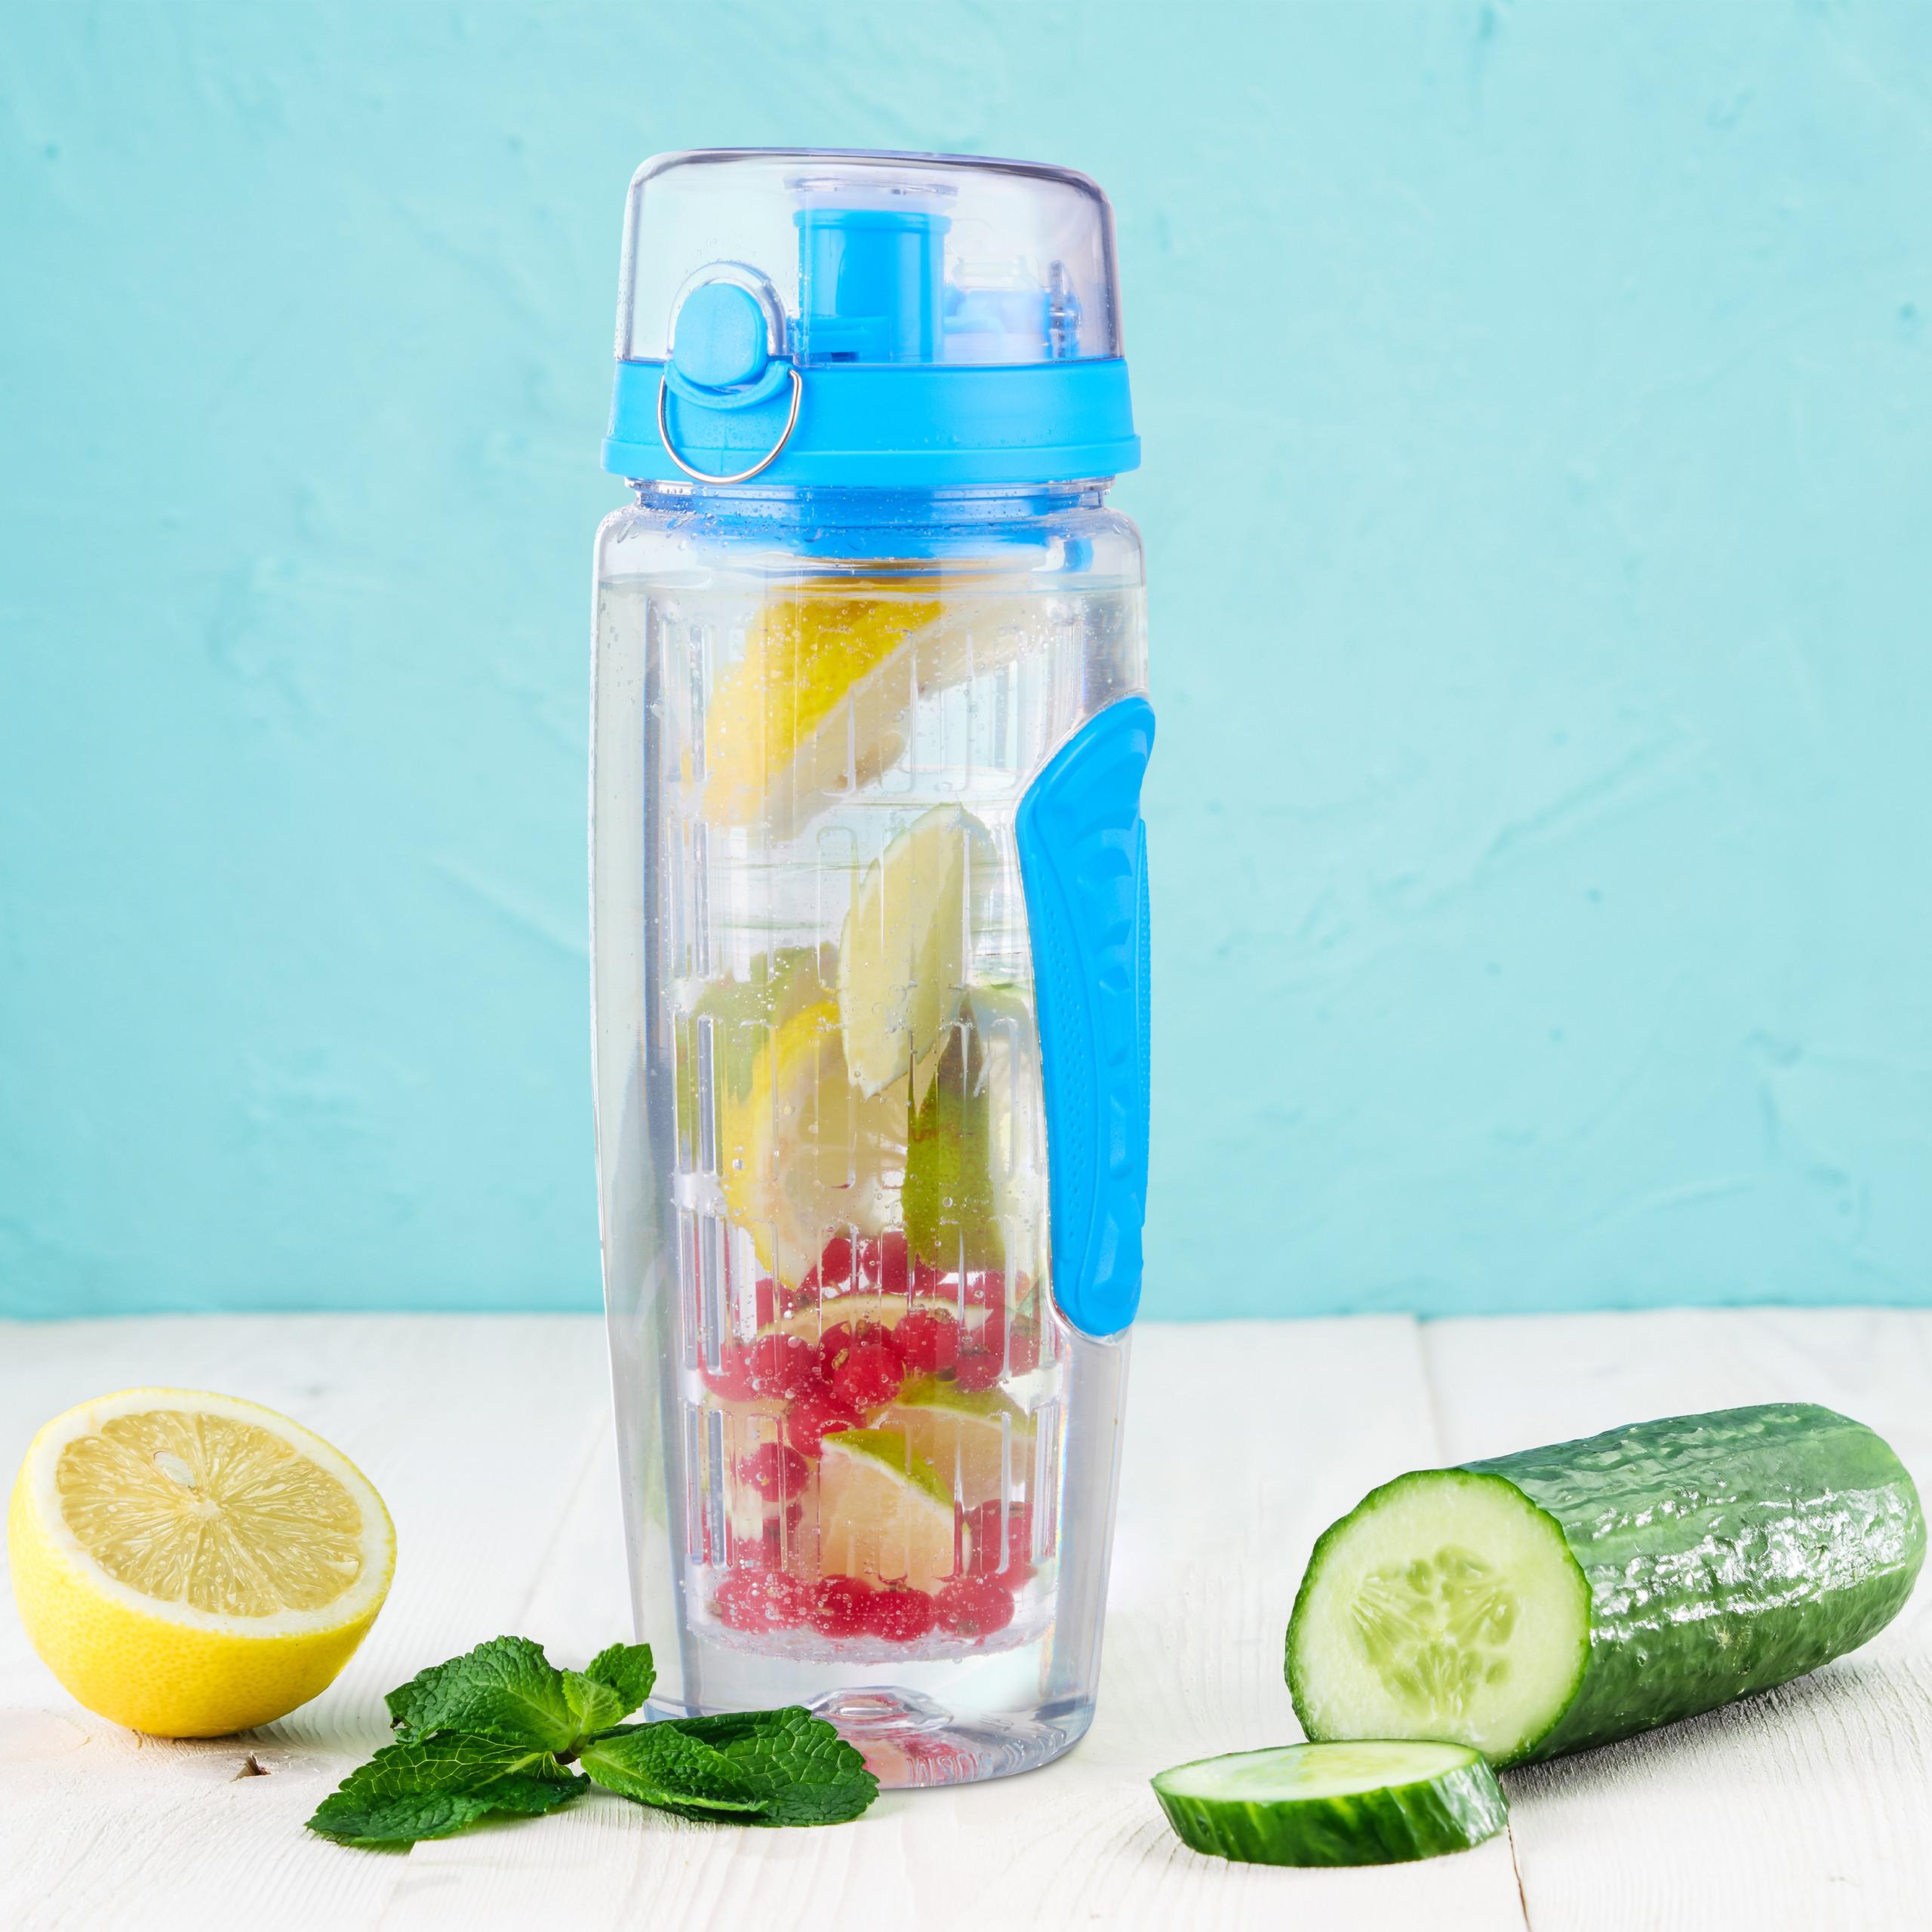 Indexbild 2 - 2 x Trinkflasche Obsteinsatz Infuser Trinkflasche Wasserflasche Infuser Bottle